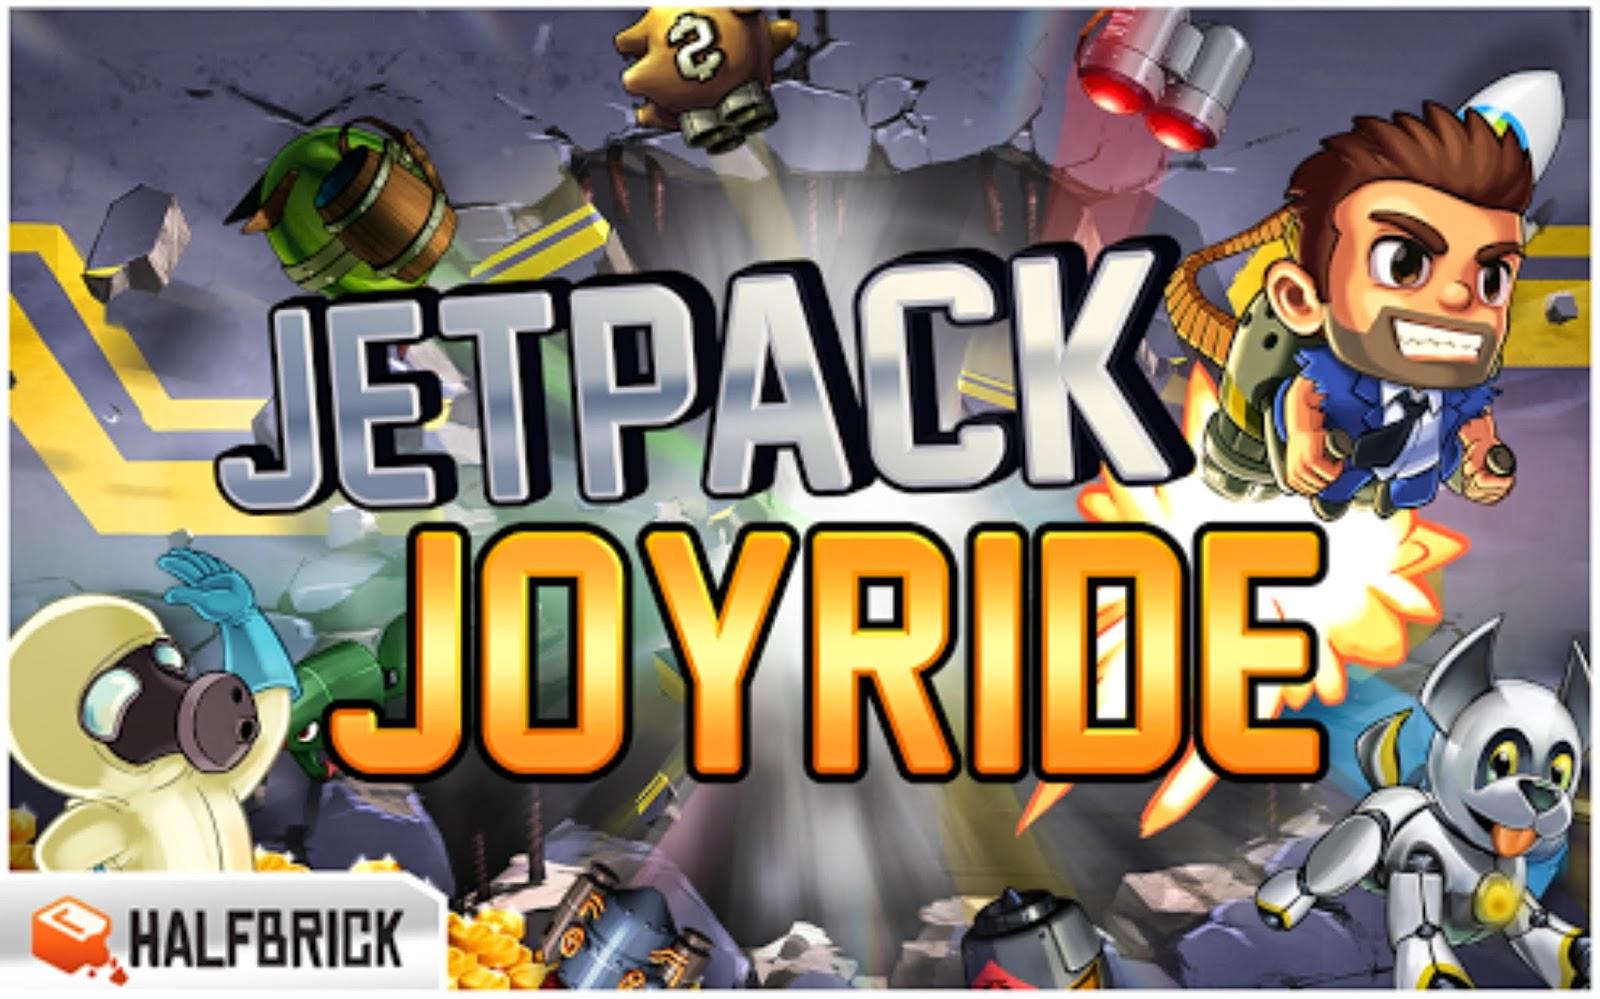 download game jetpack joyride apk mod